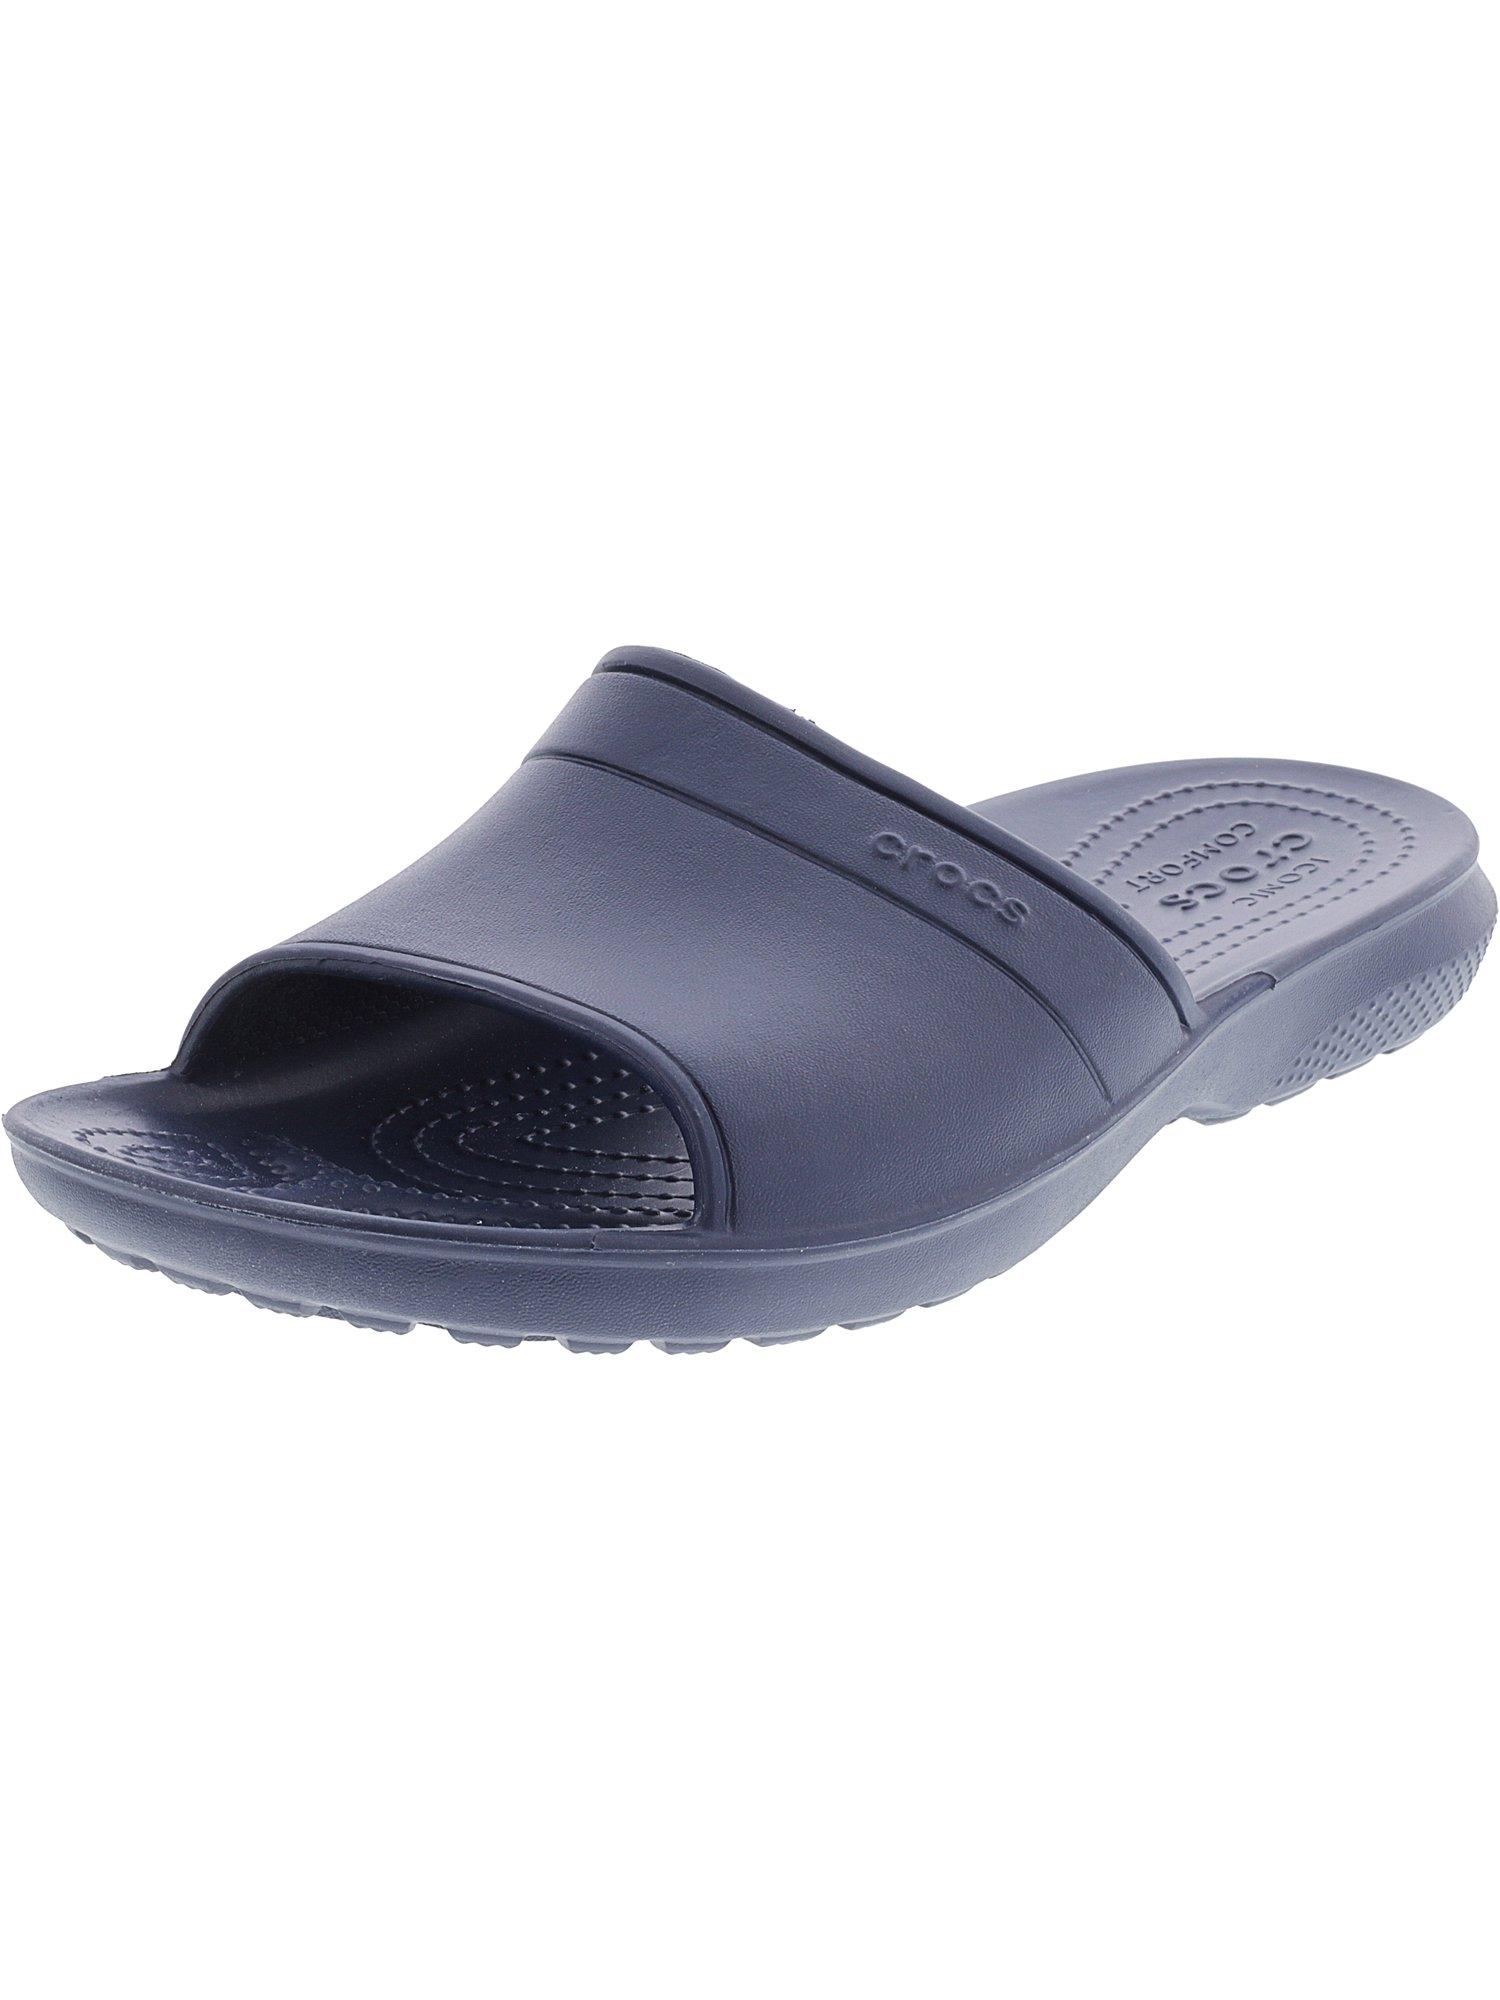 0cecfb66178f0e Crocs Classic Slide Navy Low Top Rubber Sandal - 8M   6M